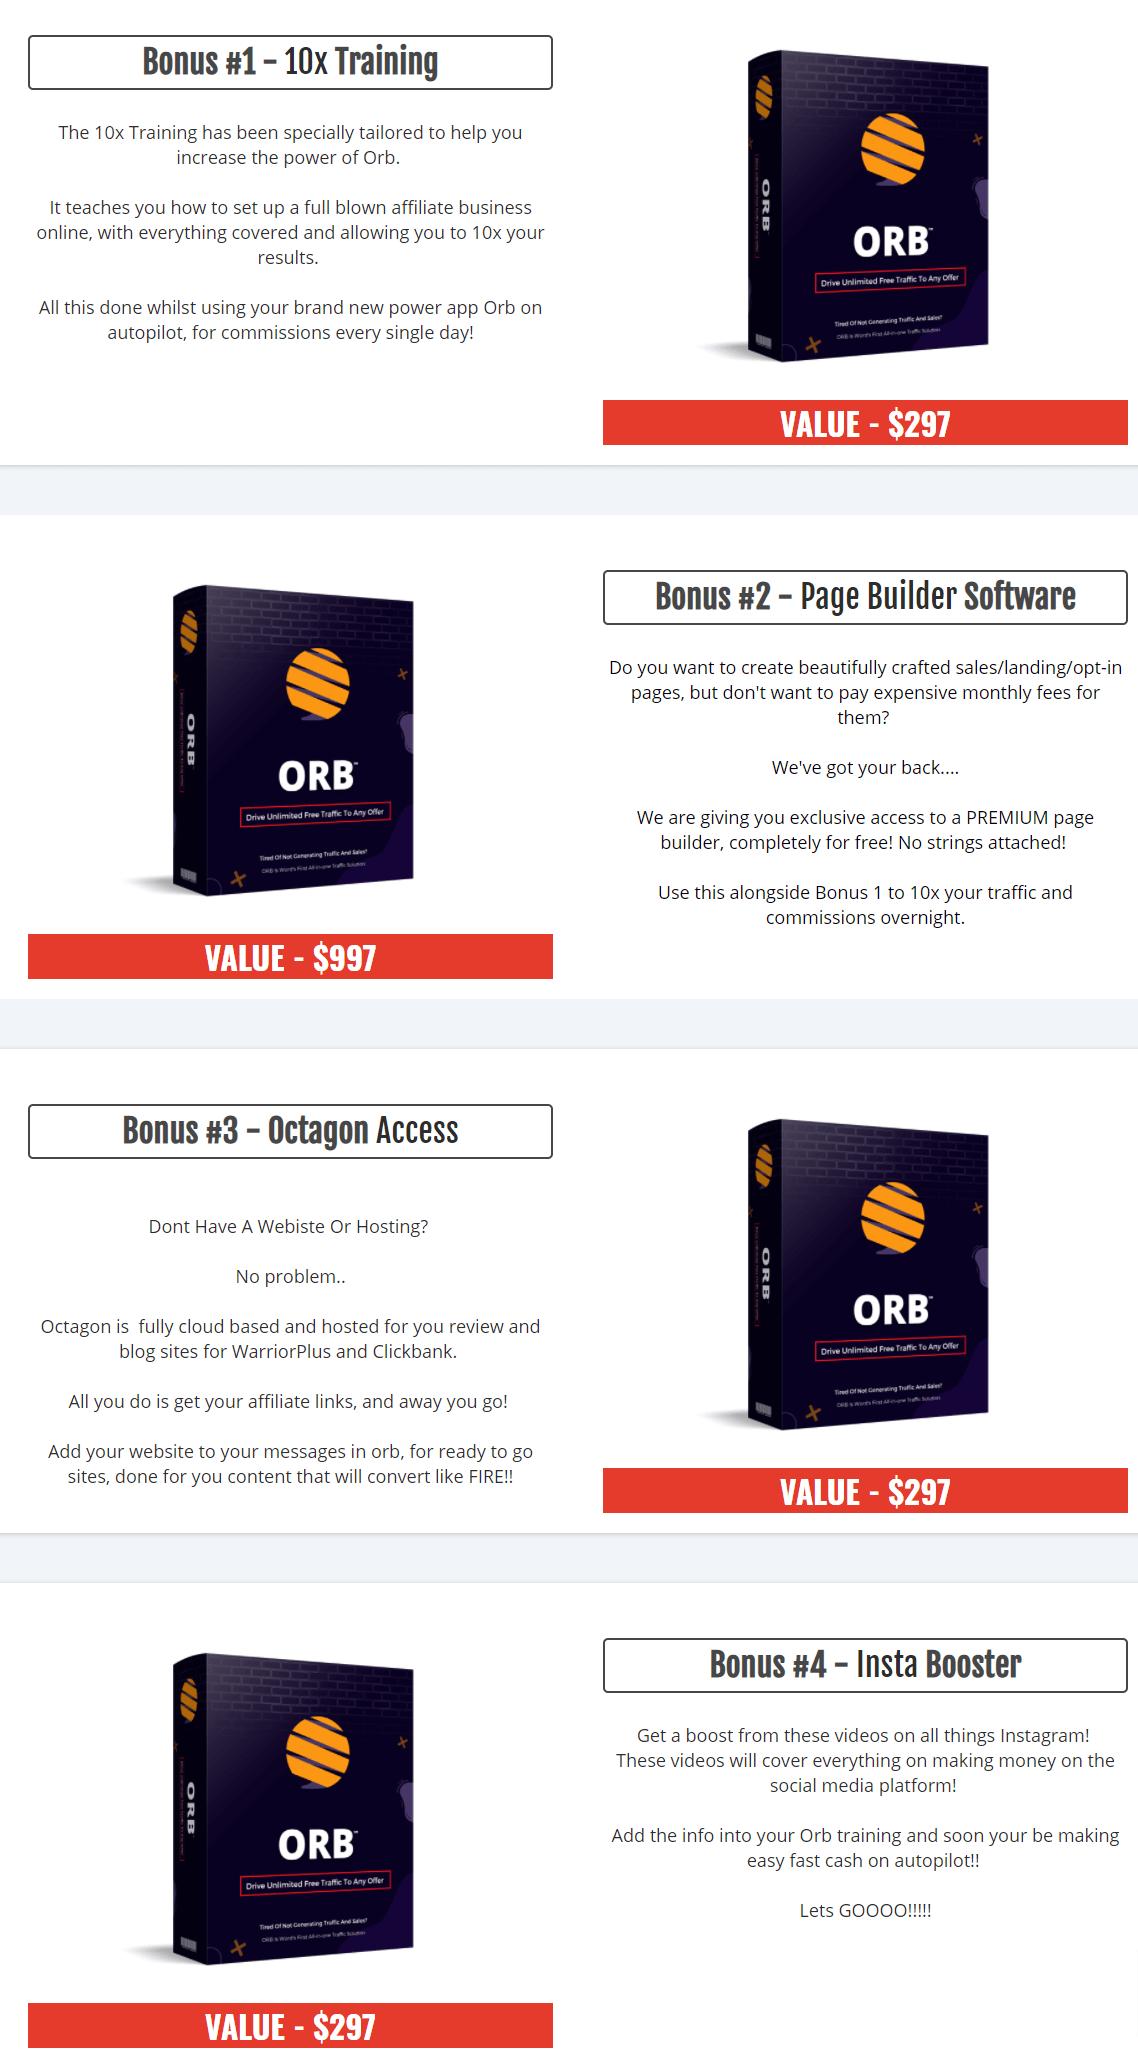 ORB-bonus